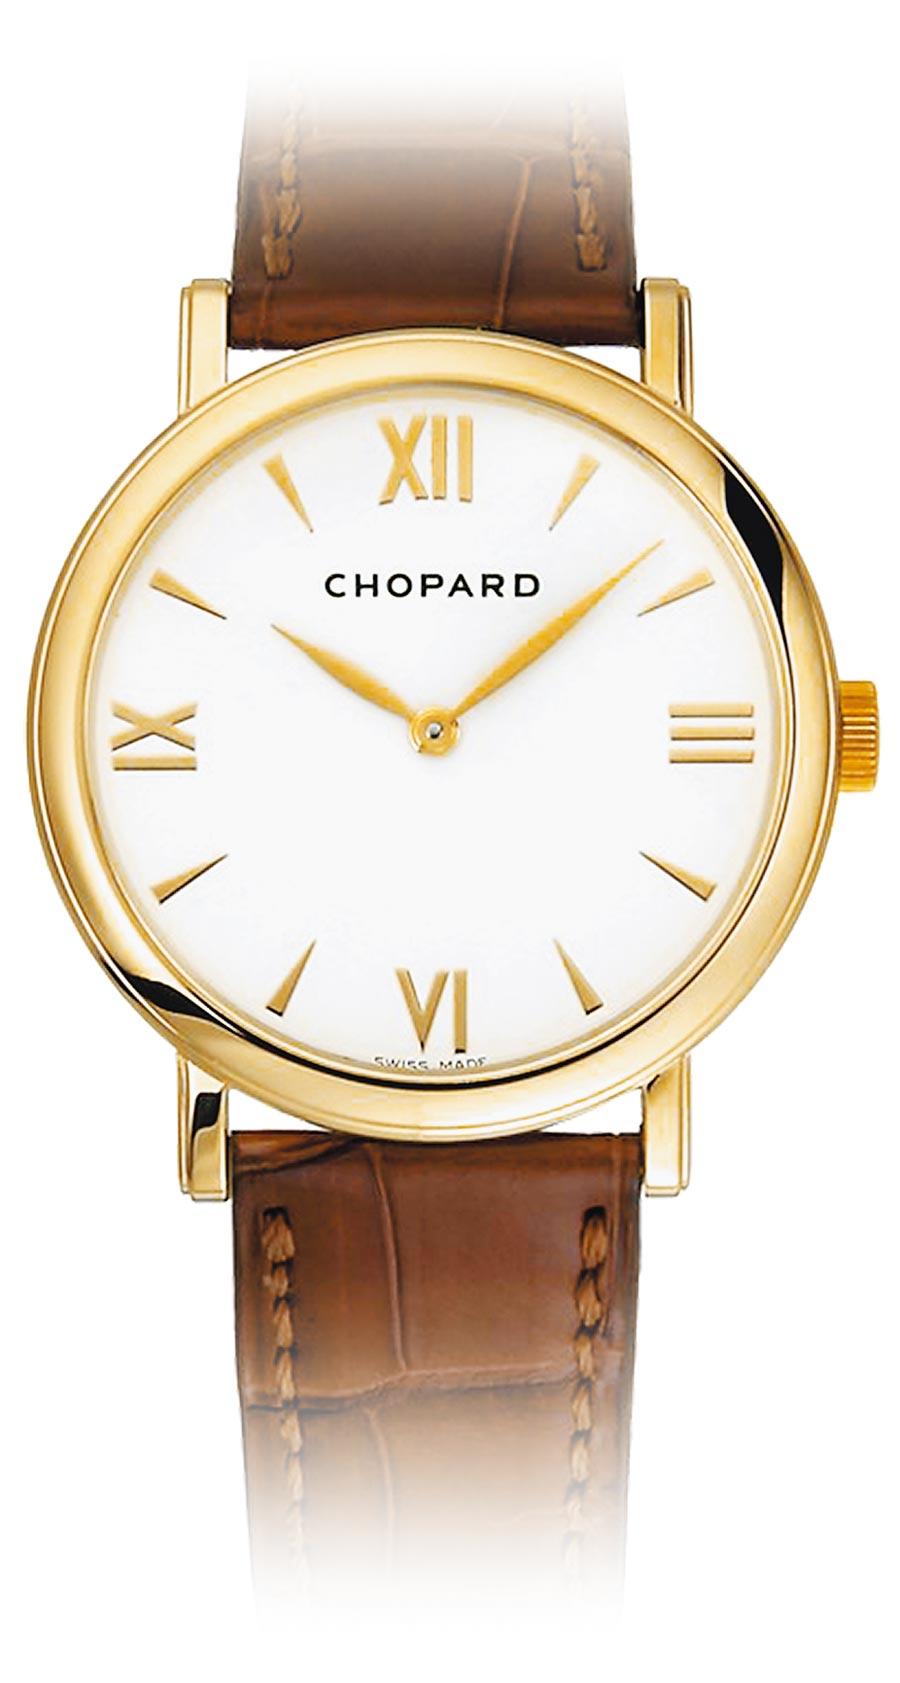 李奧納多狄卡皮歐在《從前,有個好萊塢》佩戴蕭邦經典18K金男表,奢華品味破表。(CHOPARD提供)